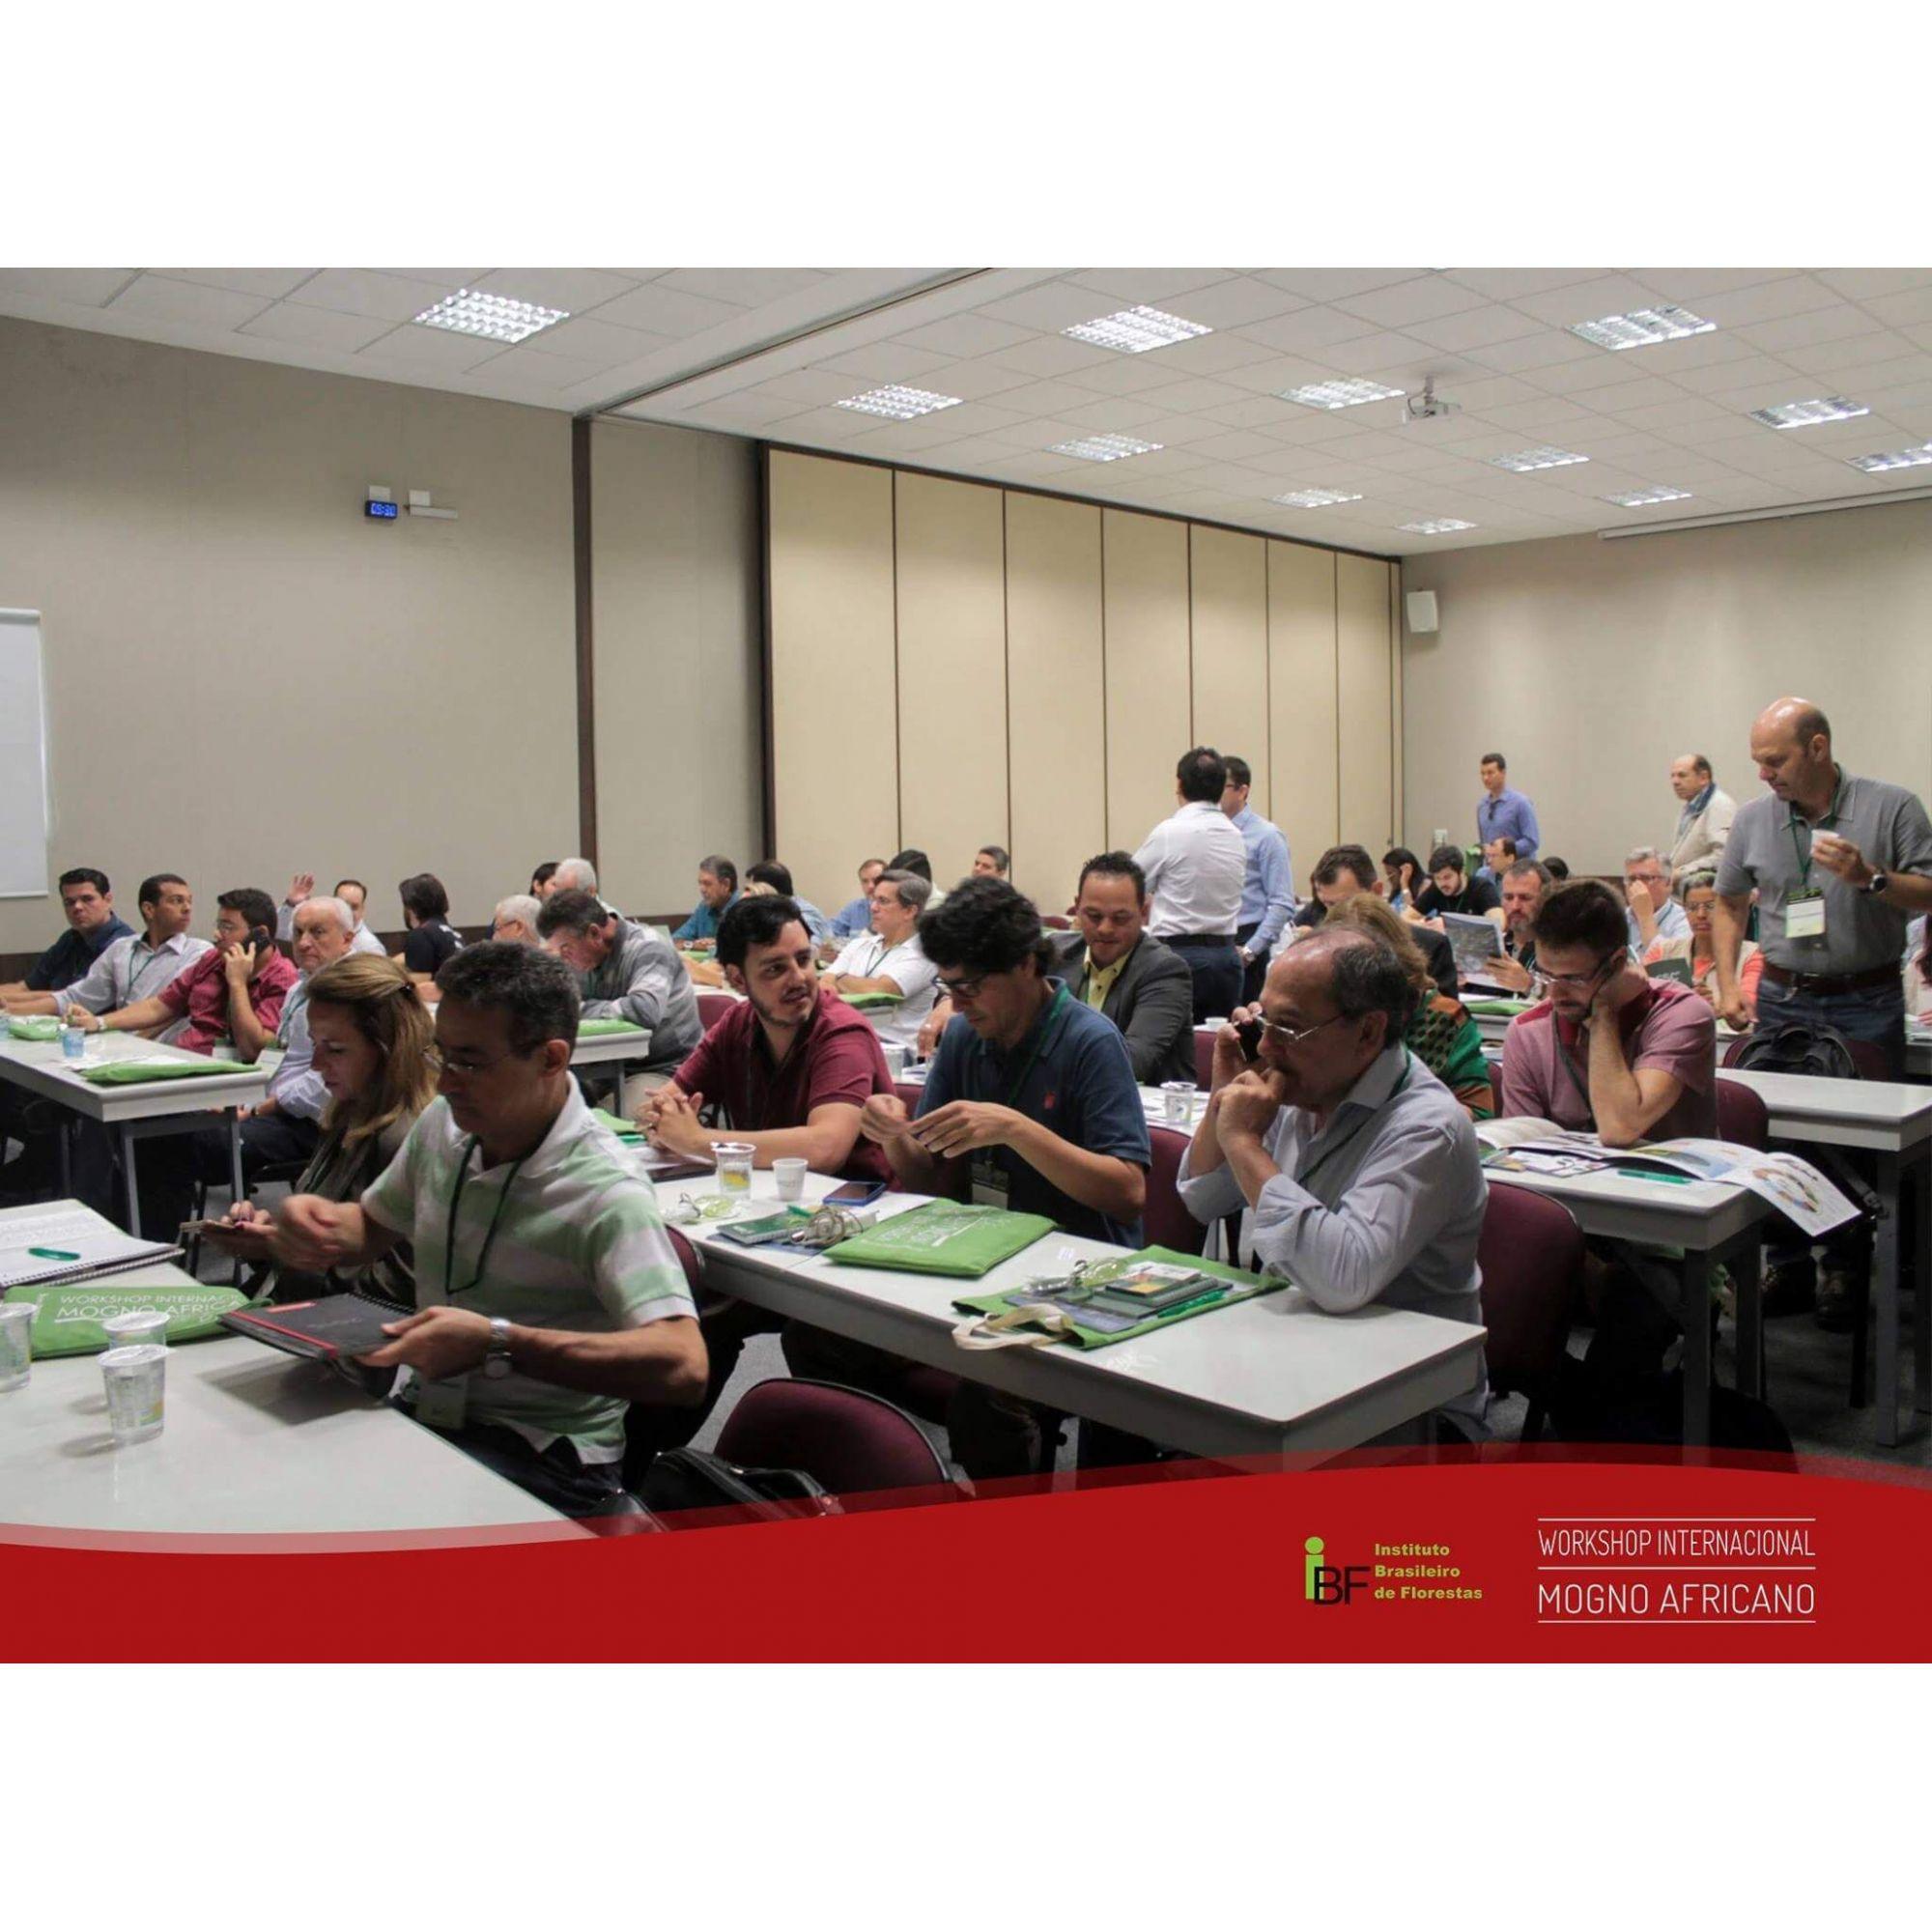 25/04/2020 - Workshop de Mogno Africano - São Paulo/SP